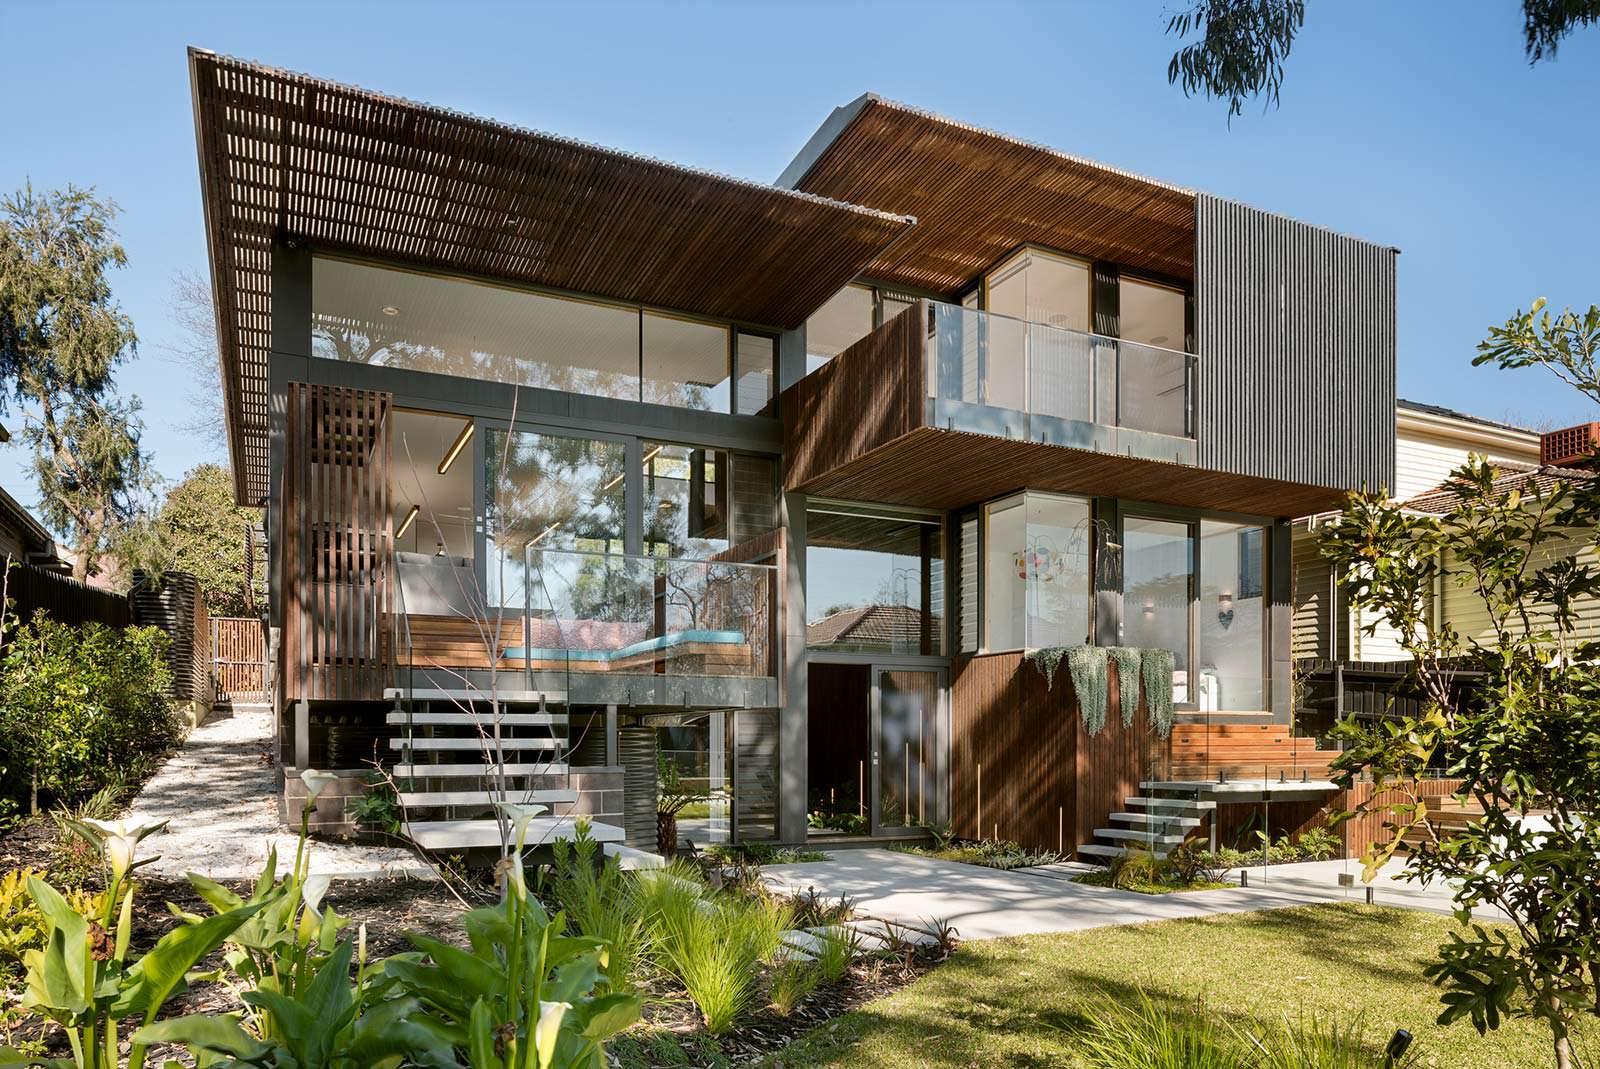 Экологичный дом под Мельбурном в Австралии от Zen Architects